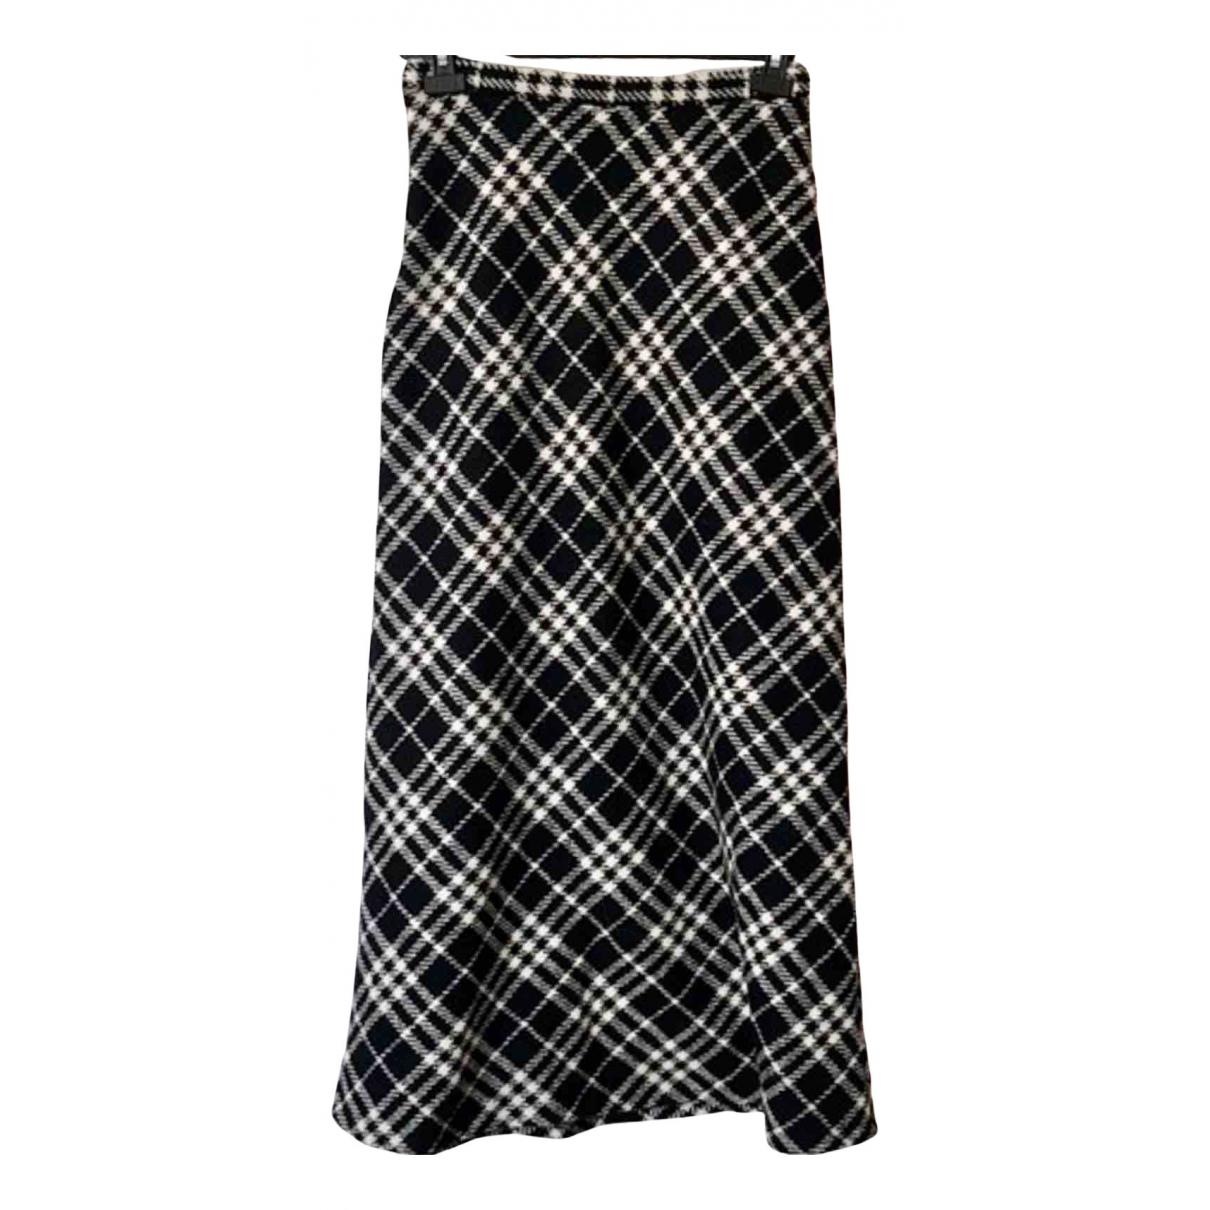 Burberry N Black Wool skirt for Women 12 UK